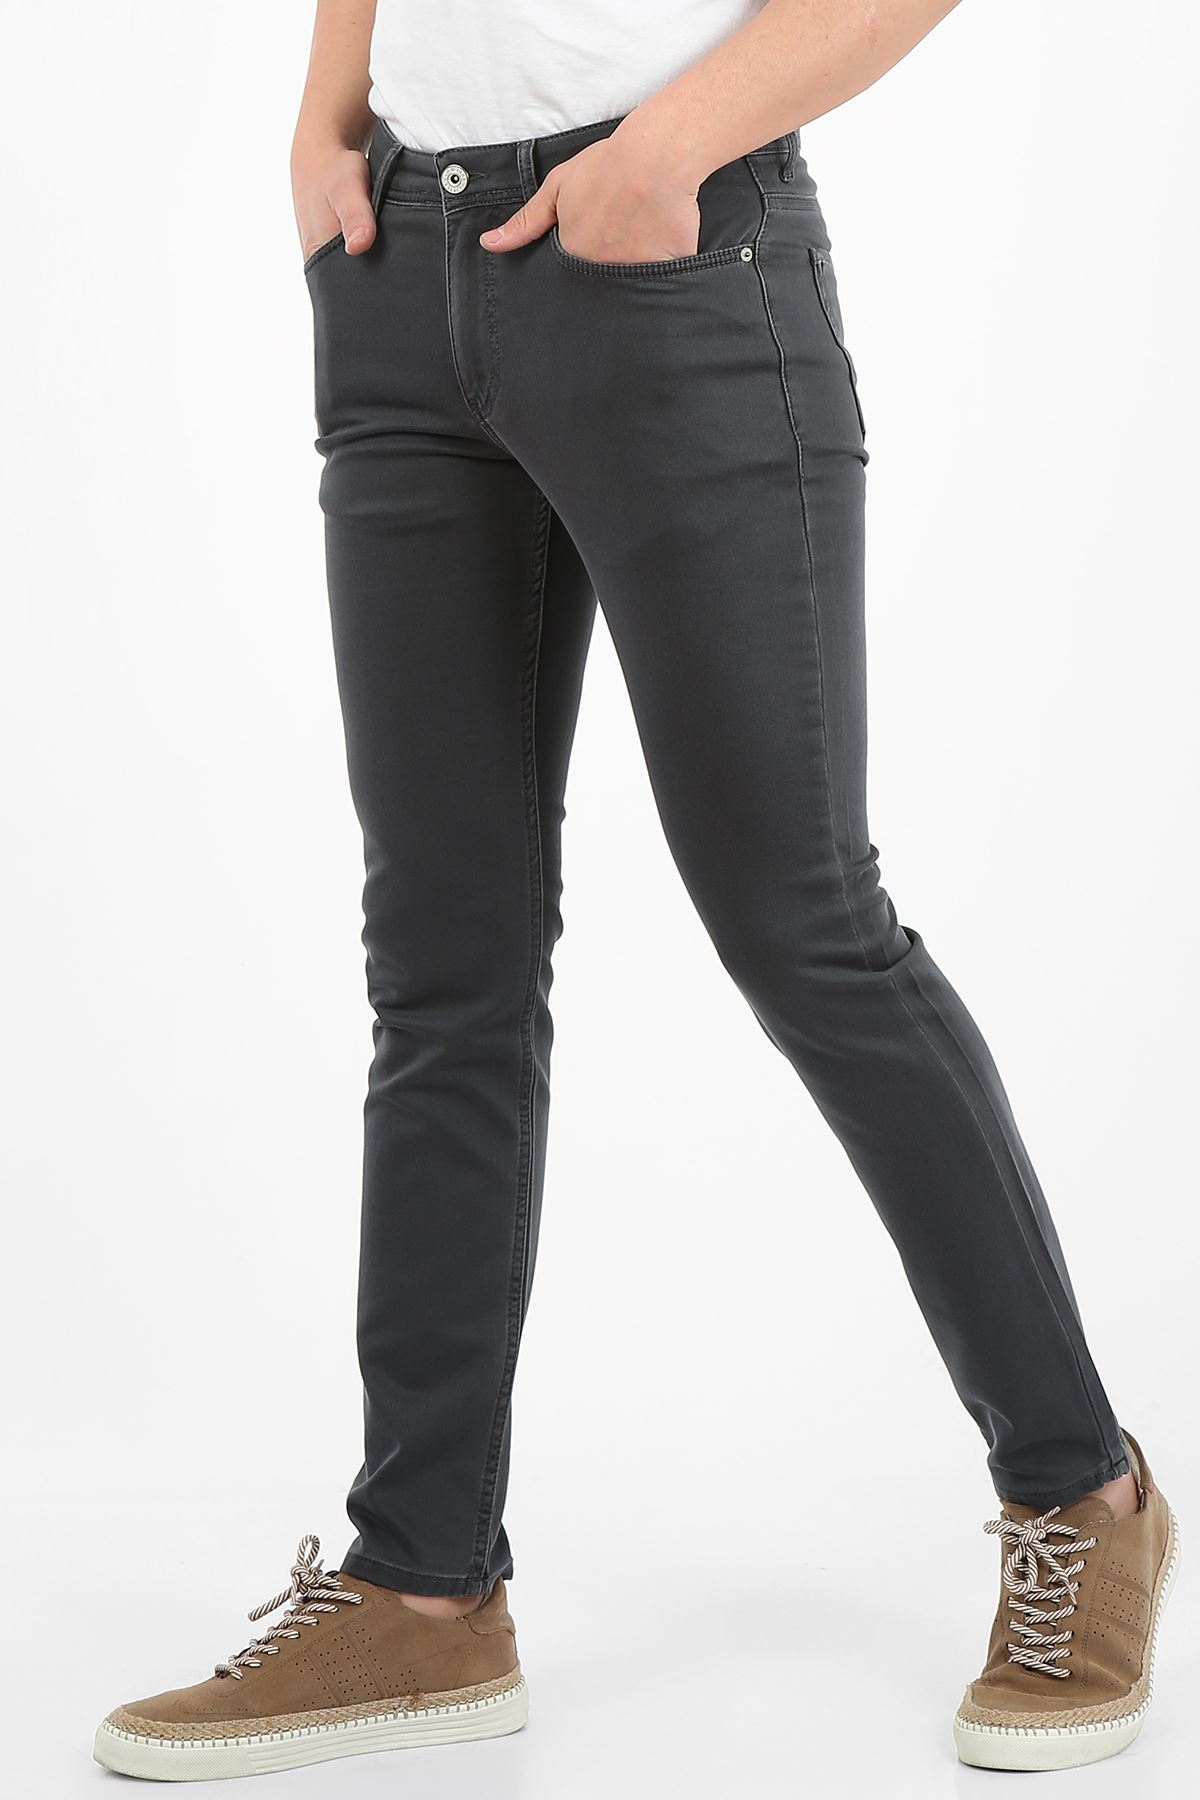 Antrasit Yumaşak Doku Yarı Slim Fermuarlı Erkek Jeans Pantolon-SAWYER